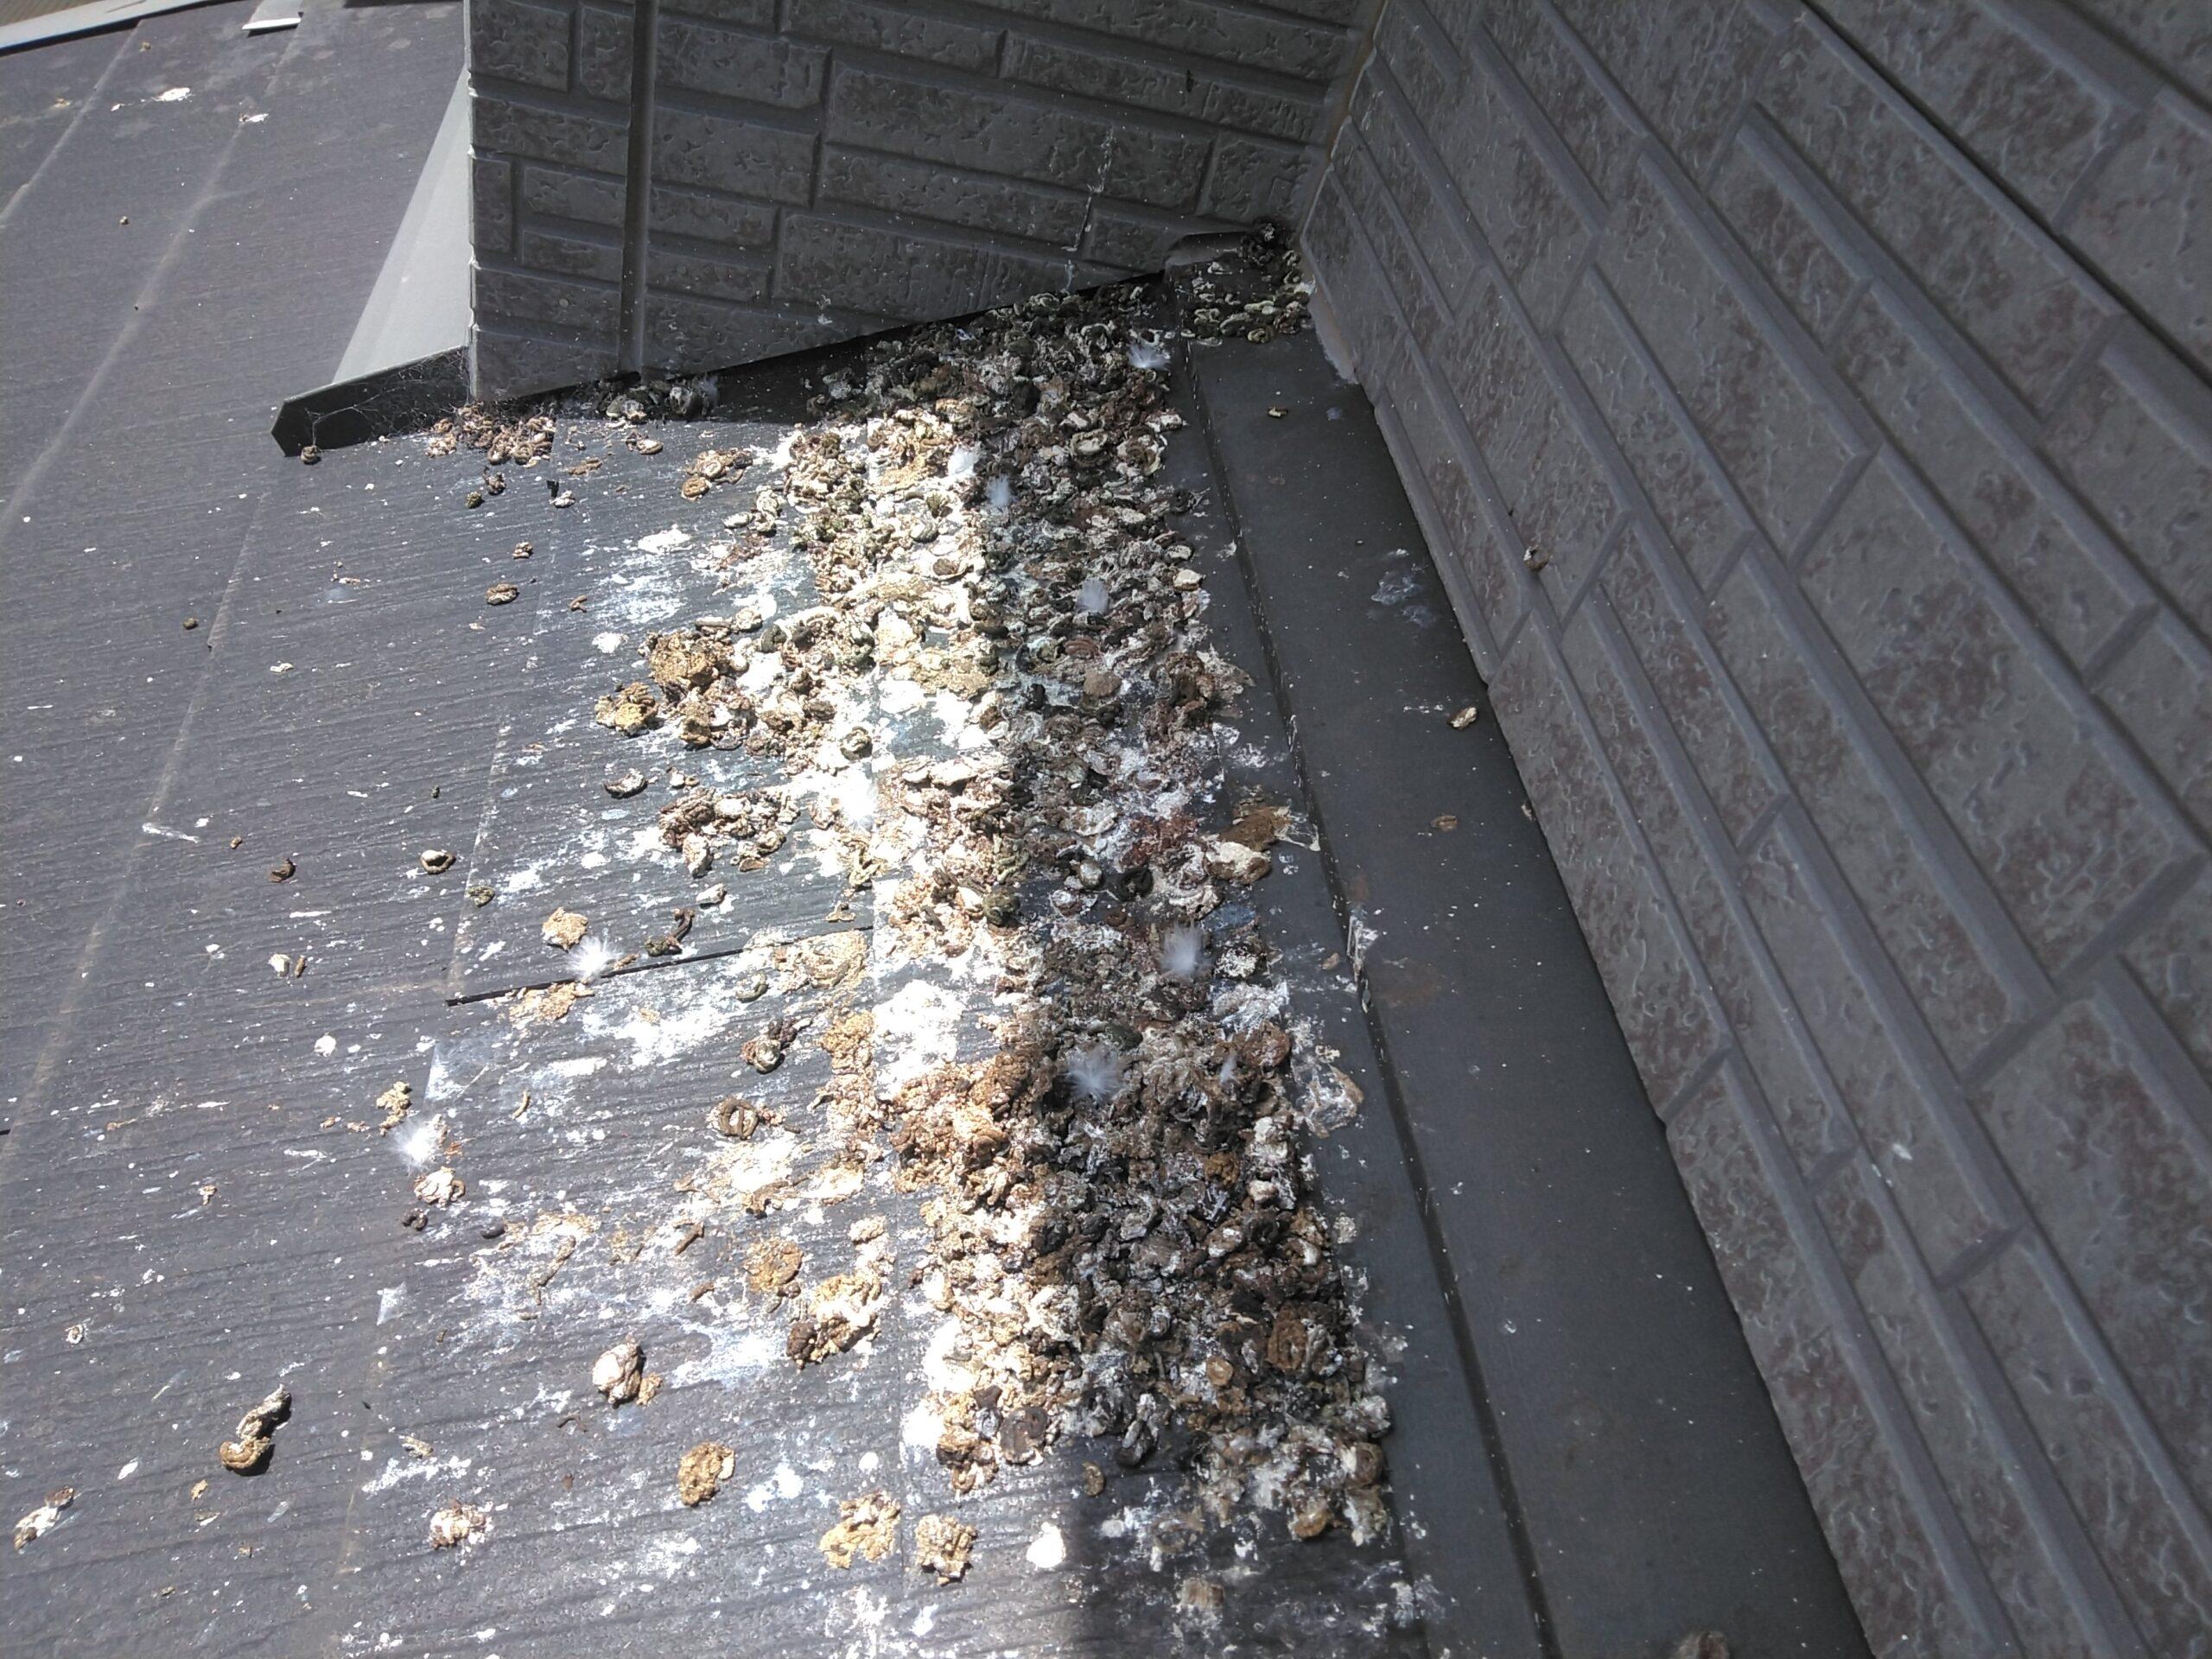 千葉県船橋市のk様のハト駆除:施工前